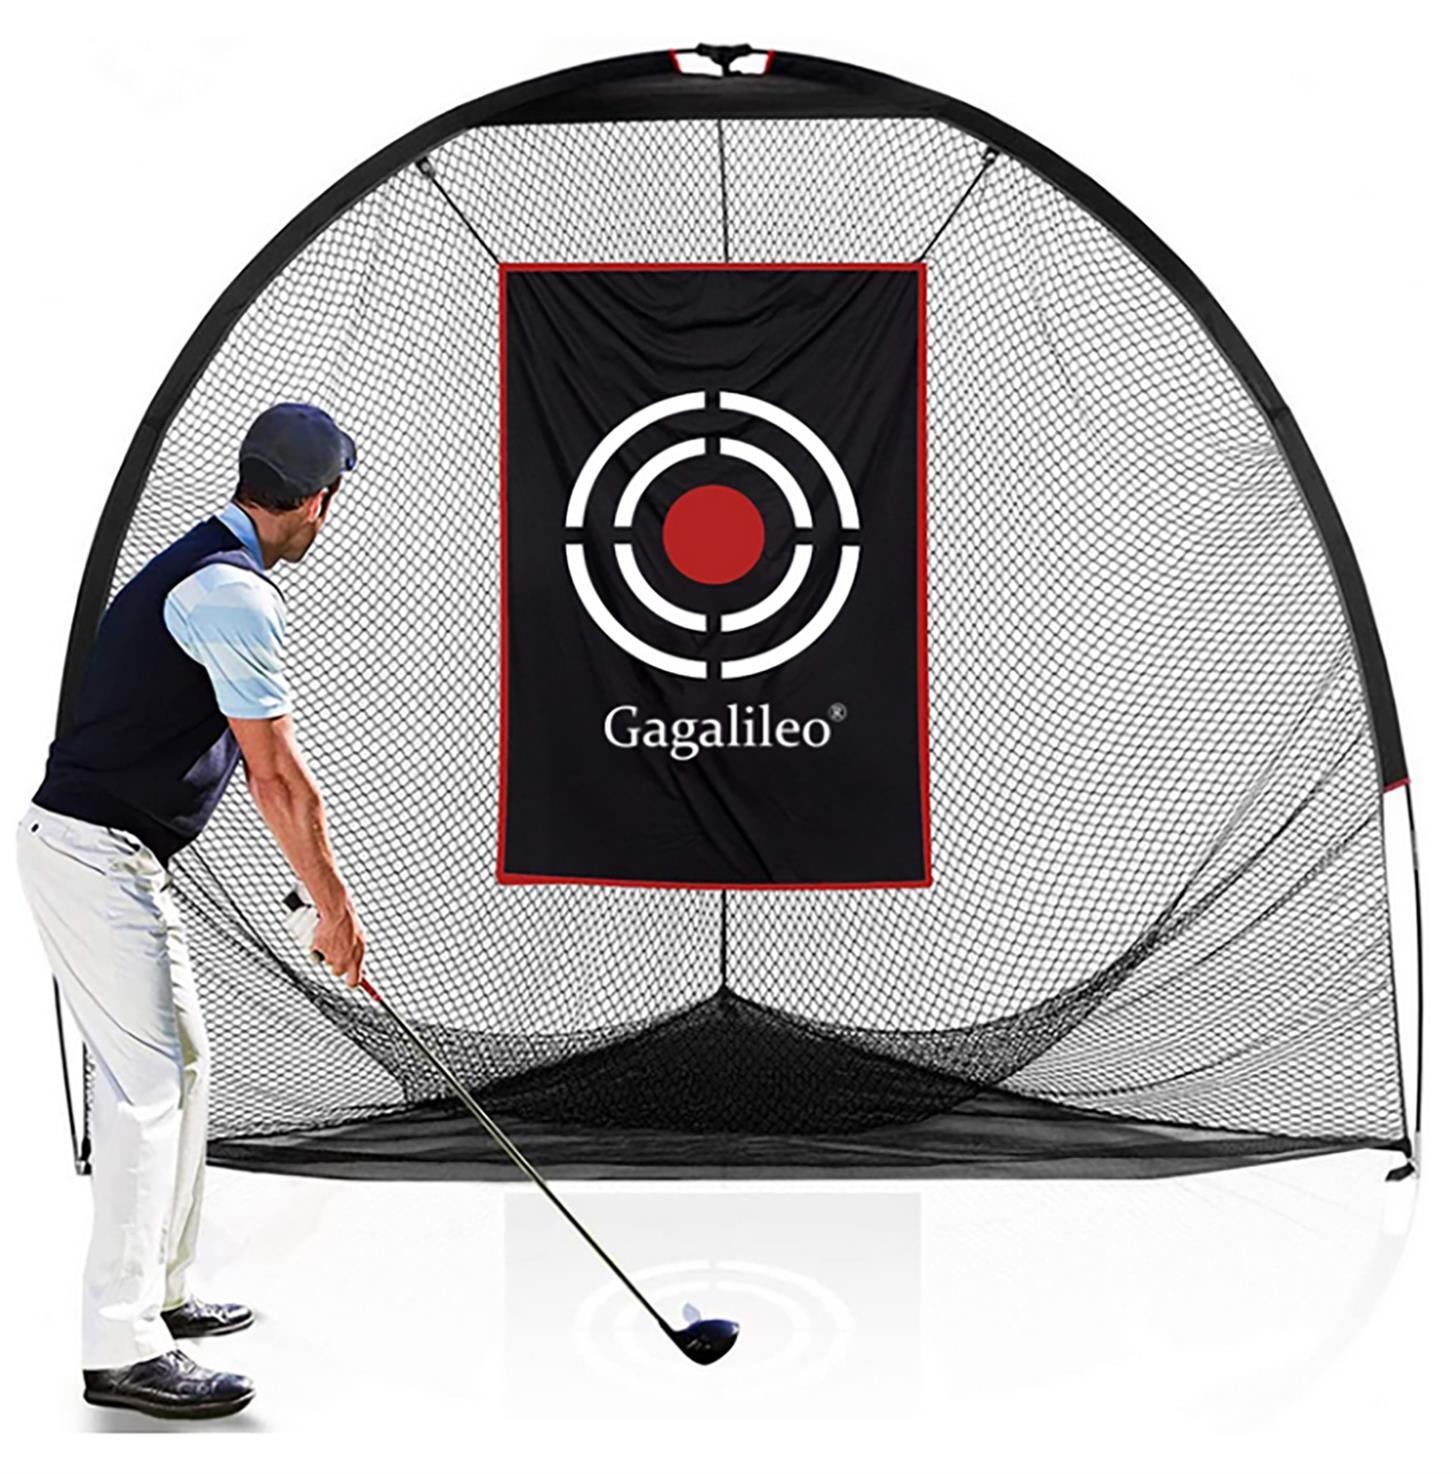 ゴルフネット トレーニングネット 三角打撃ネット 誕生日プレゼント 屋内屋外ゴルフ練習場 一年間の安心購入 2.4mx2.1mx2.1m キャリーバッグとターゲット付 希少